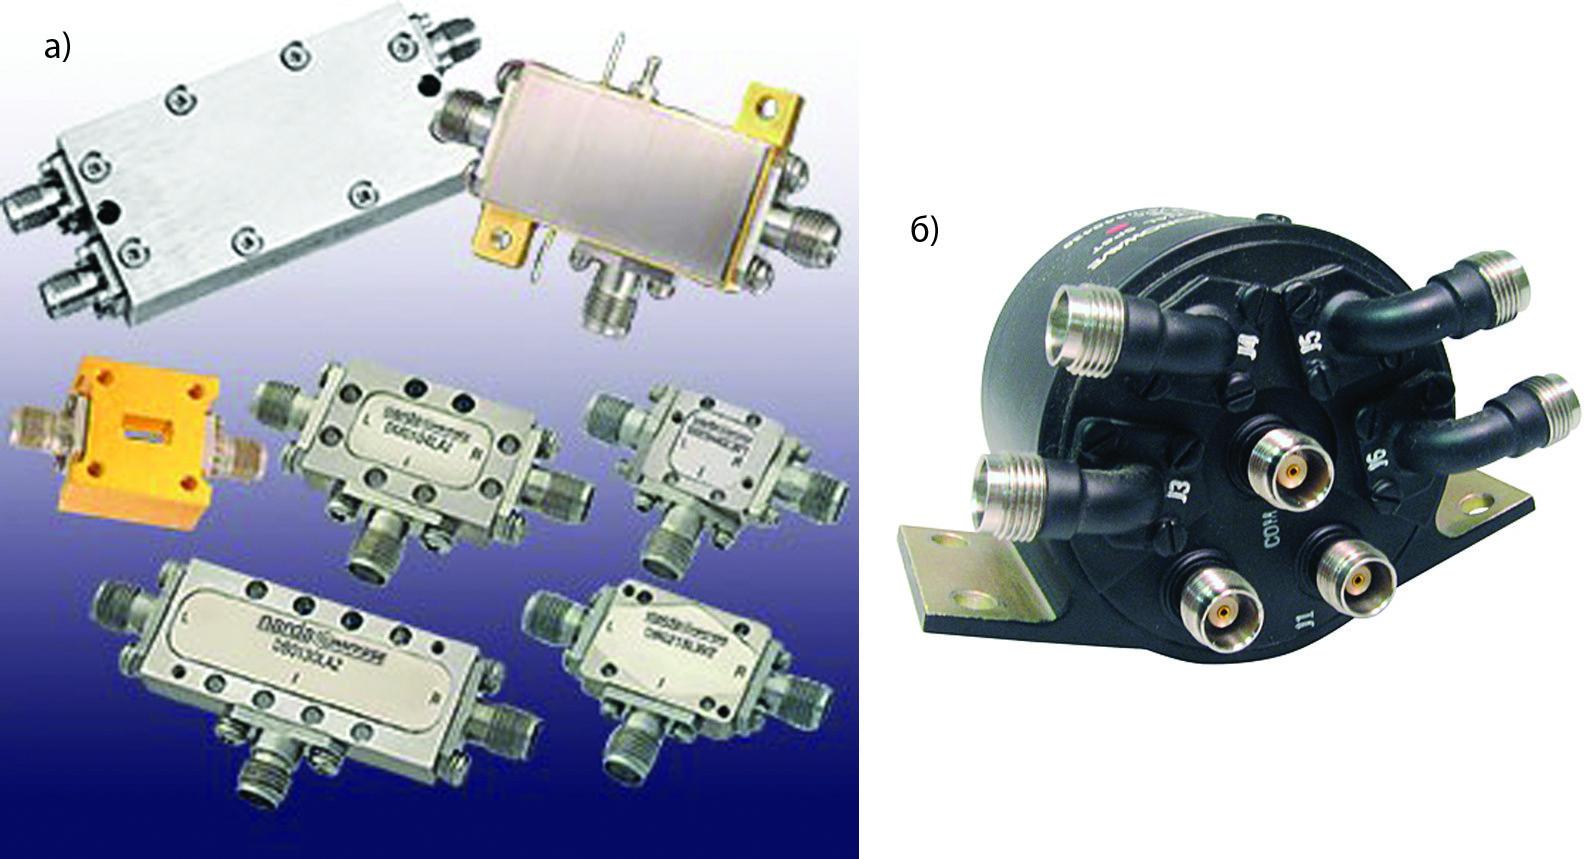 Различные модели смесителей компании L3 Narda-MITEQ в коаксиальном исполнении и коаксиальный SP6T-ключ модели CS18T16-12, производимый компанией Teledyne Microwave